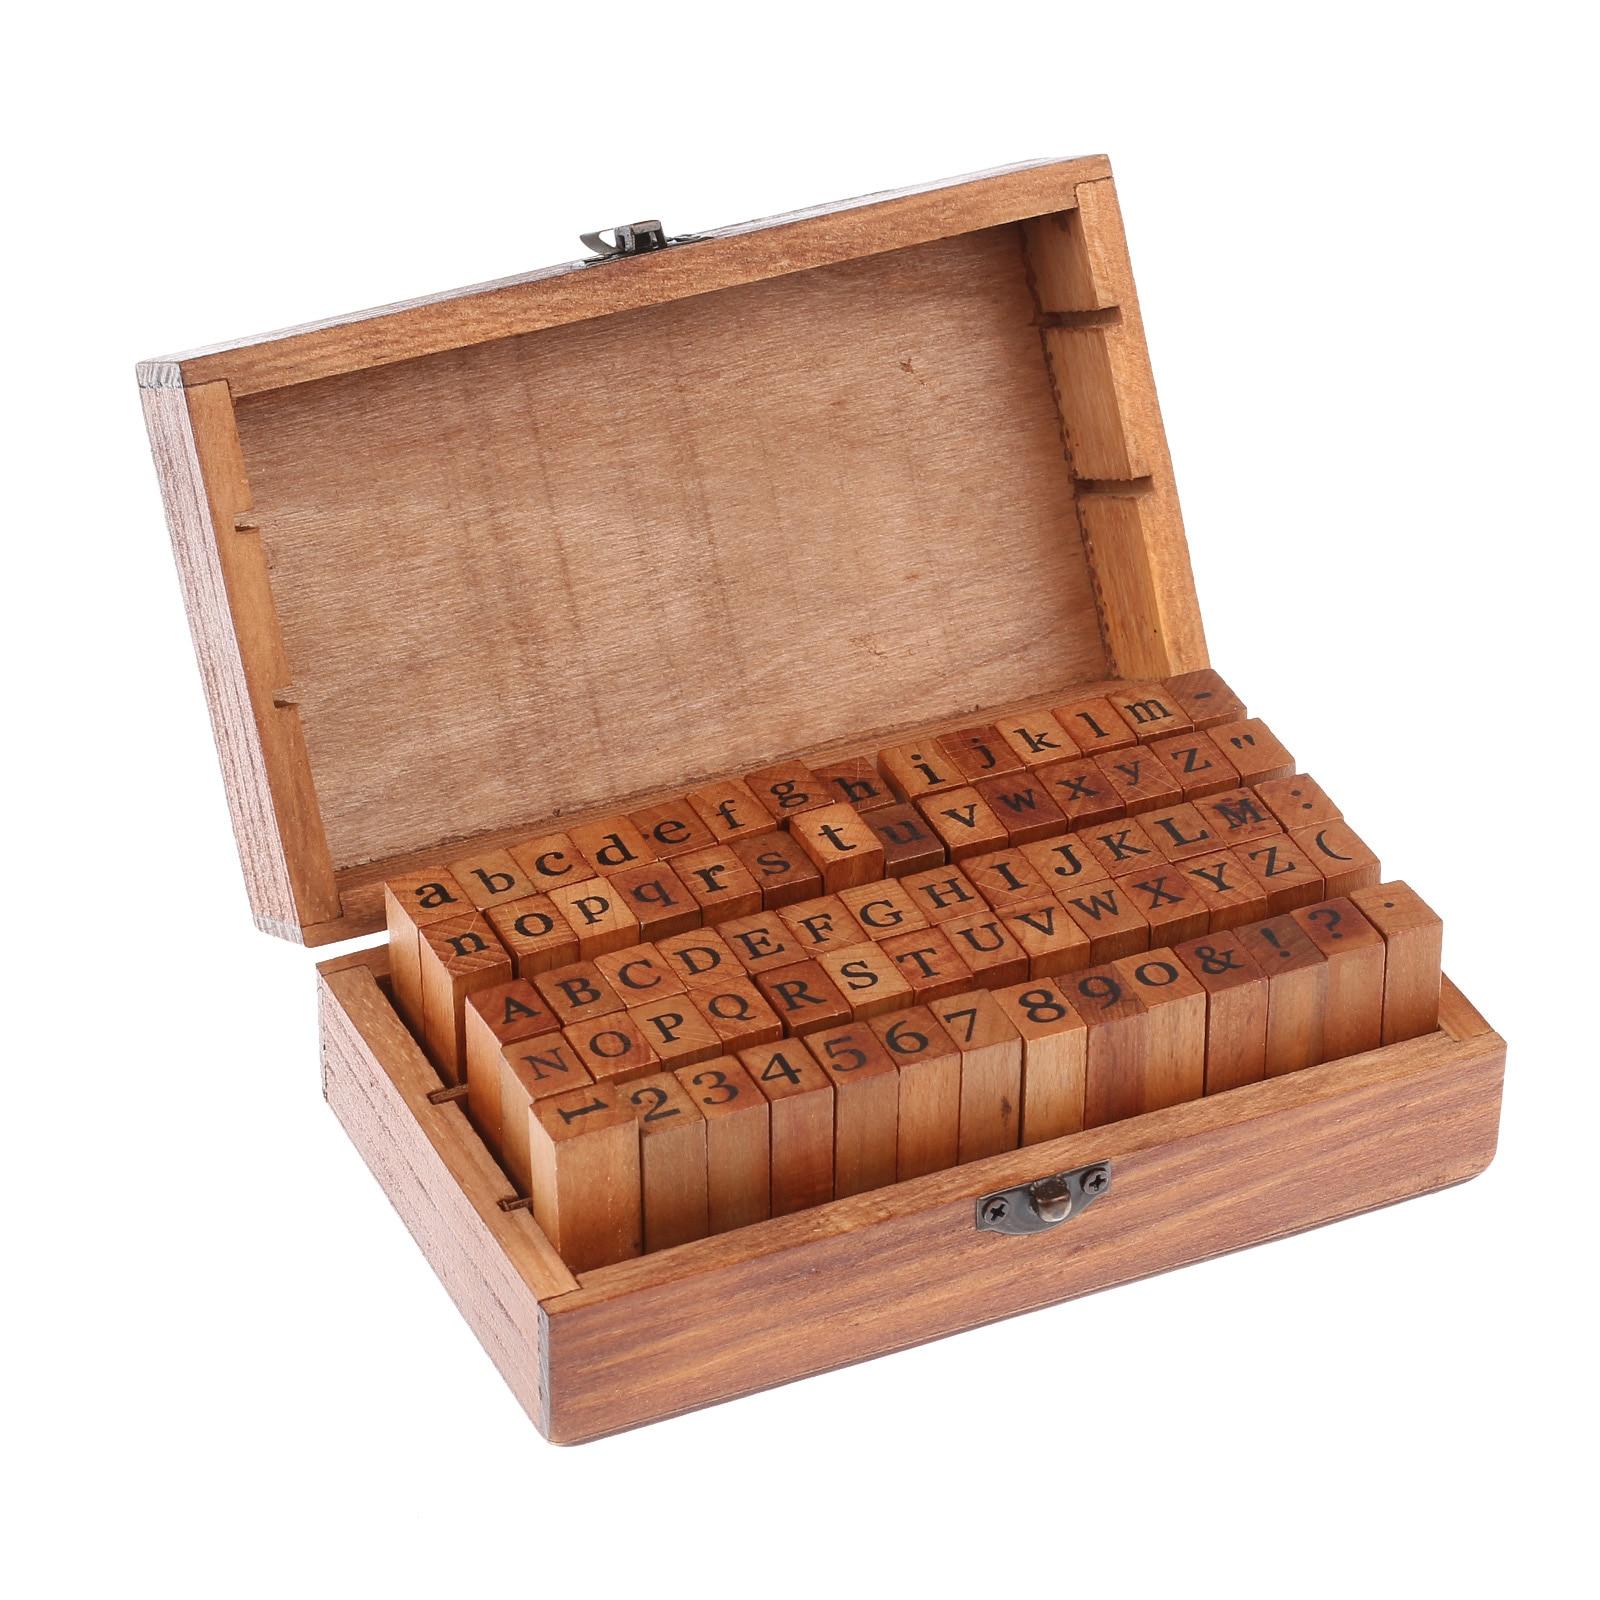 70 шт./компл. темно-коричневые винтажные деревянные прописные и строчные буквы алфавита, резиновые штампы, набор, высококачественный деревян...